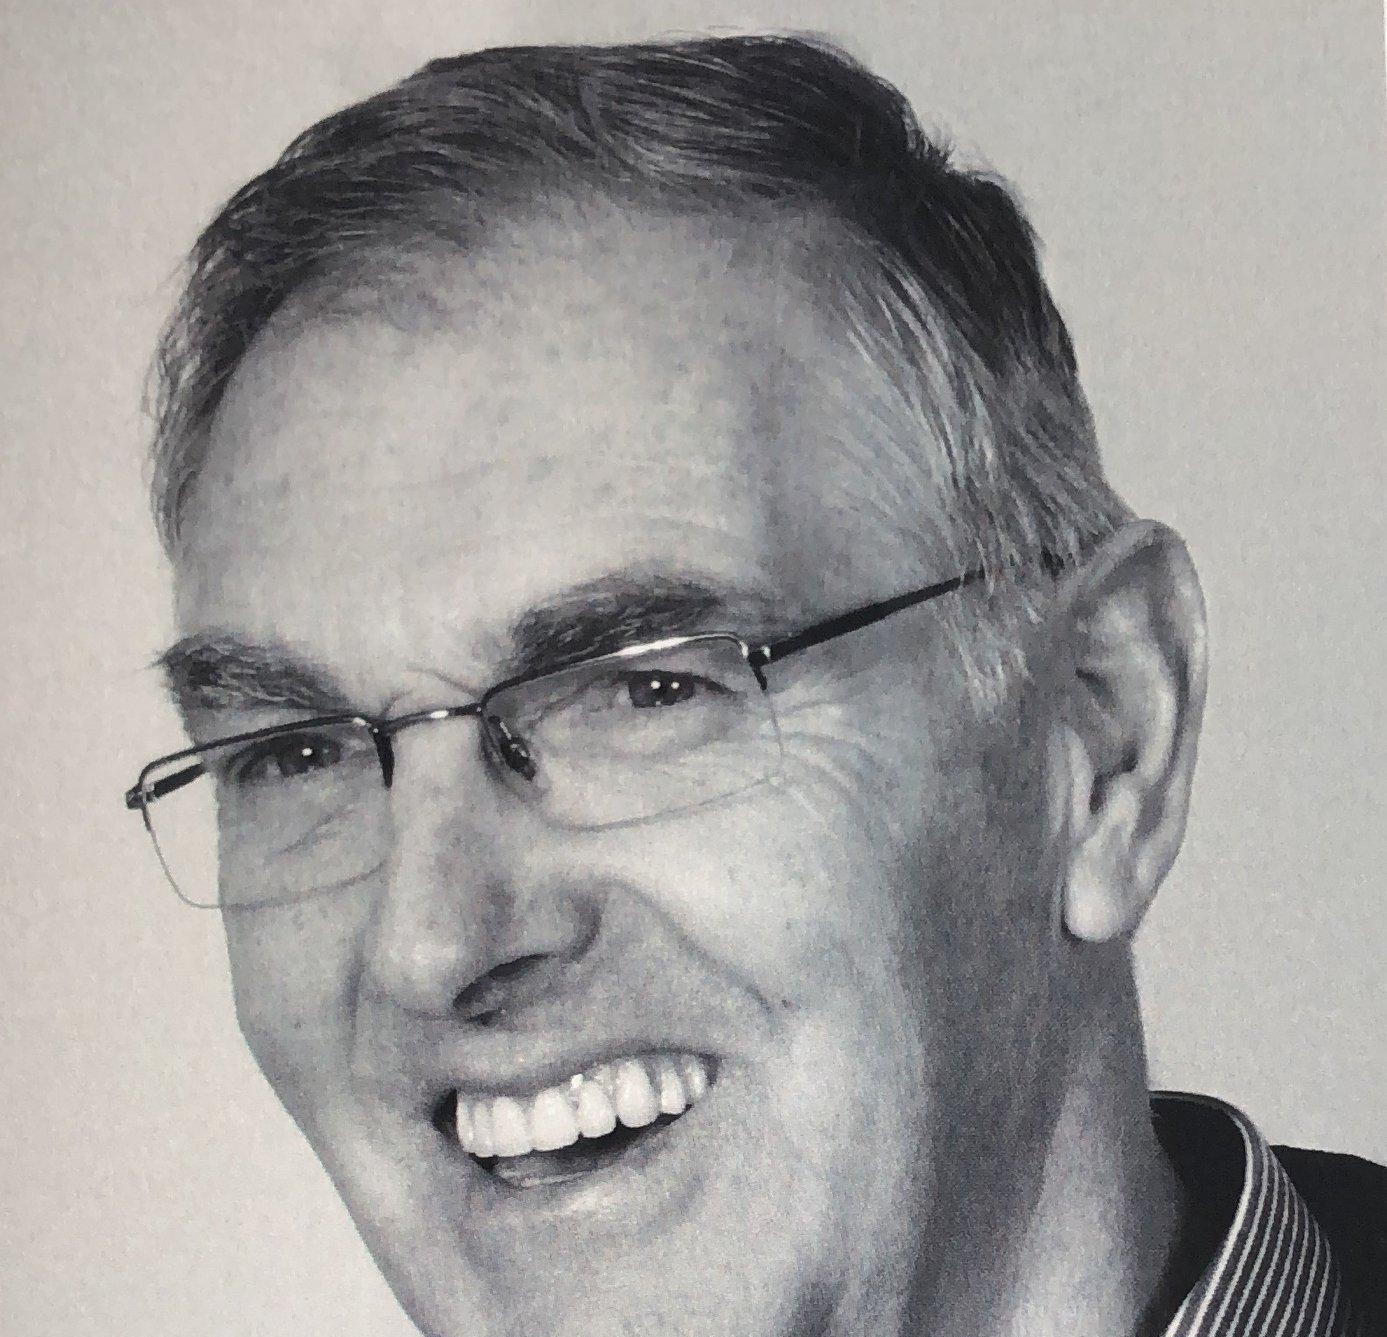 Uit het leven gerukte Zwaager Ben Gitzels (1941-2020) genoot heel bewust extra van het leven: 'Dorpsman zal gemist worden'